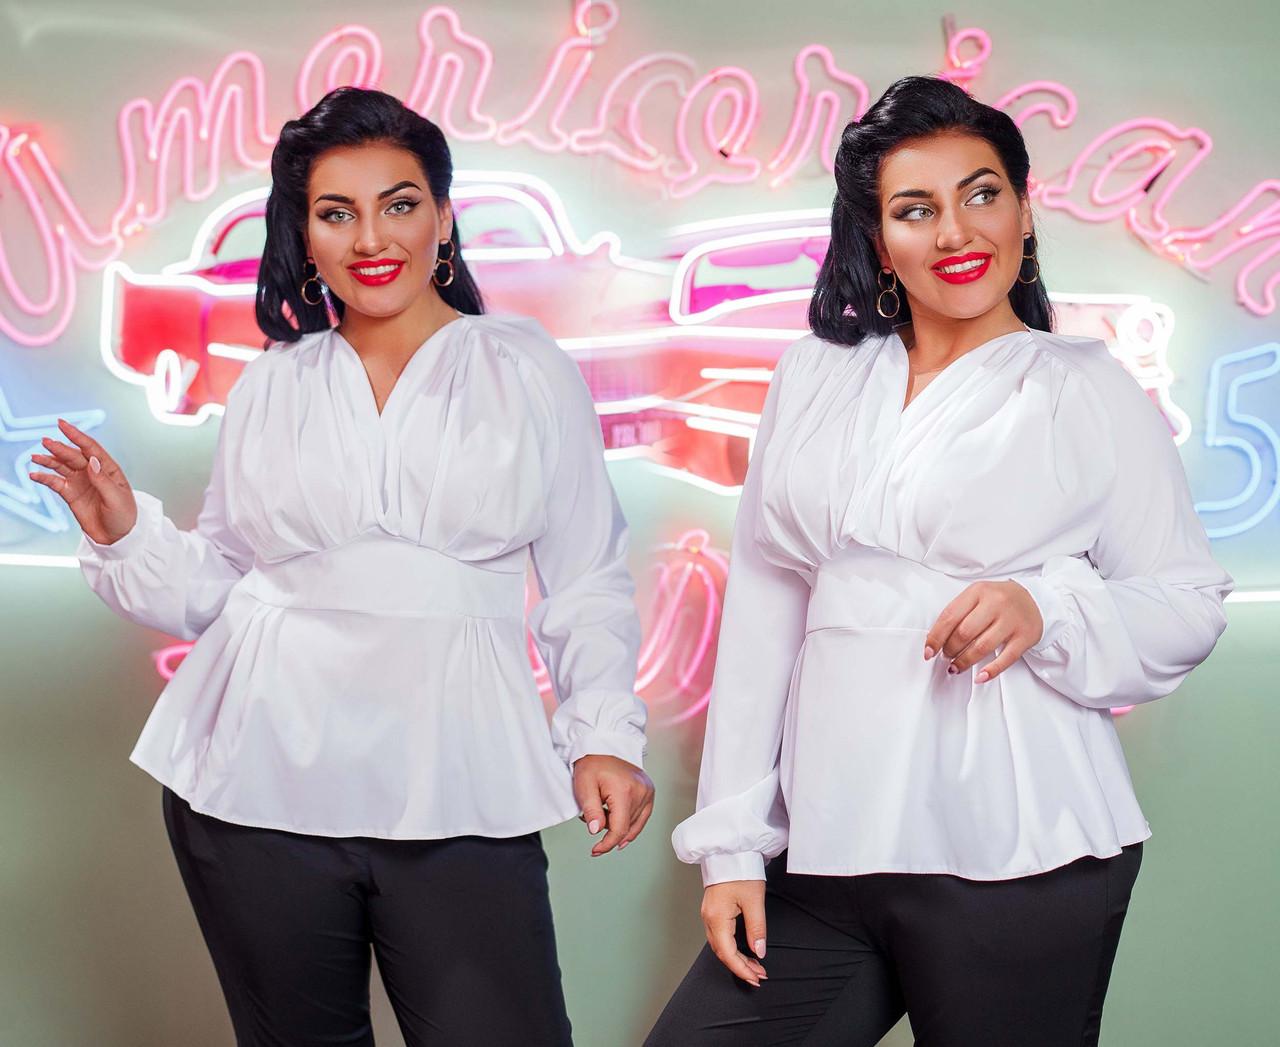 """Стильна ошатна жіноча блузка у великих розмірах 0391 """"Софт Баска Драпірування Кокетка"""" в кольорах"""